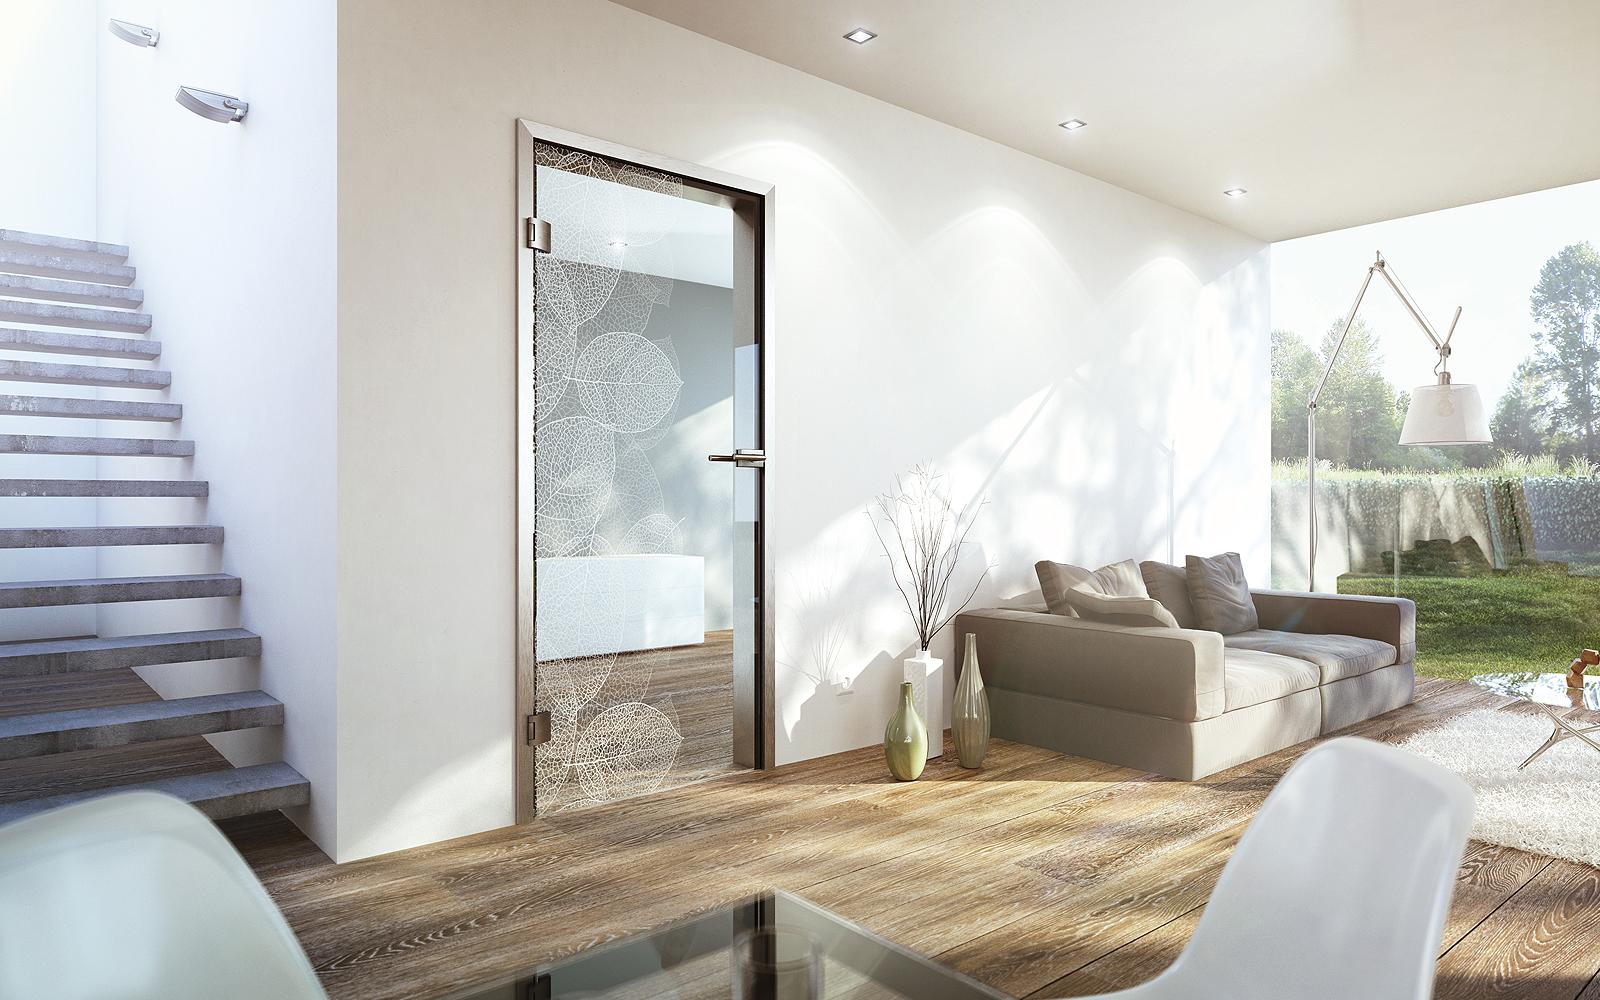 schiebet r holz rustikal mit glas. Black Bedroom Furniture Sets. Home Design Ideas